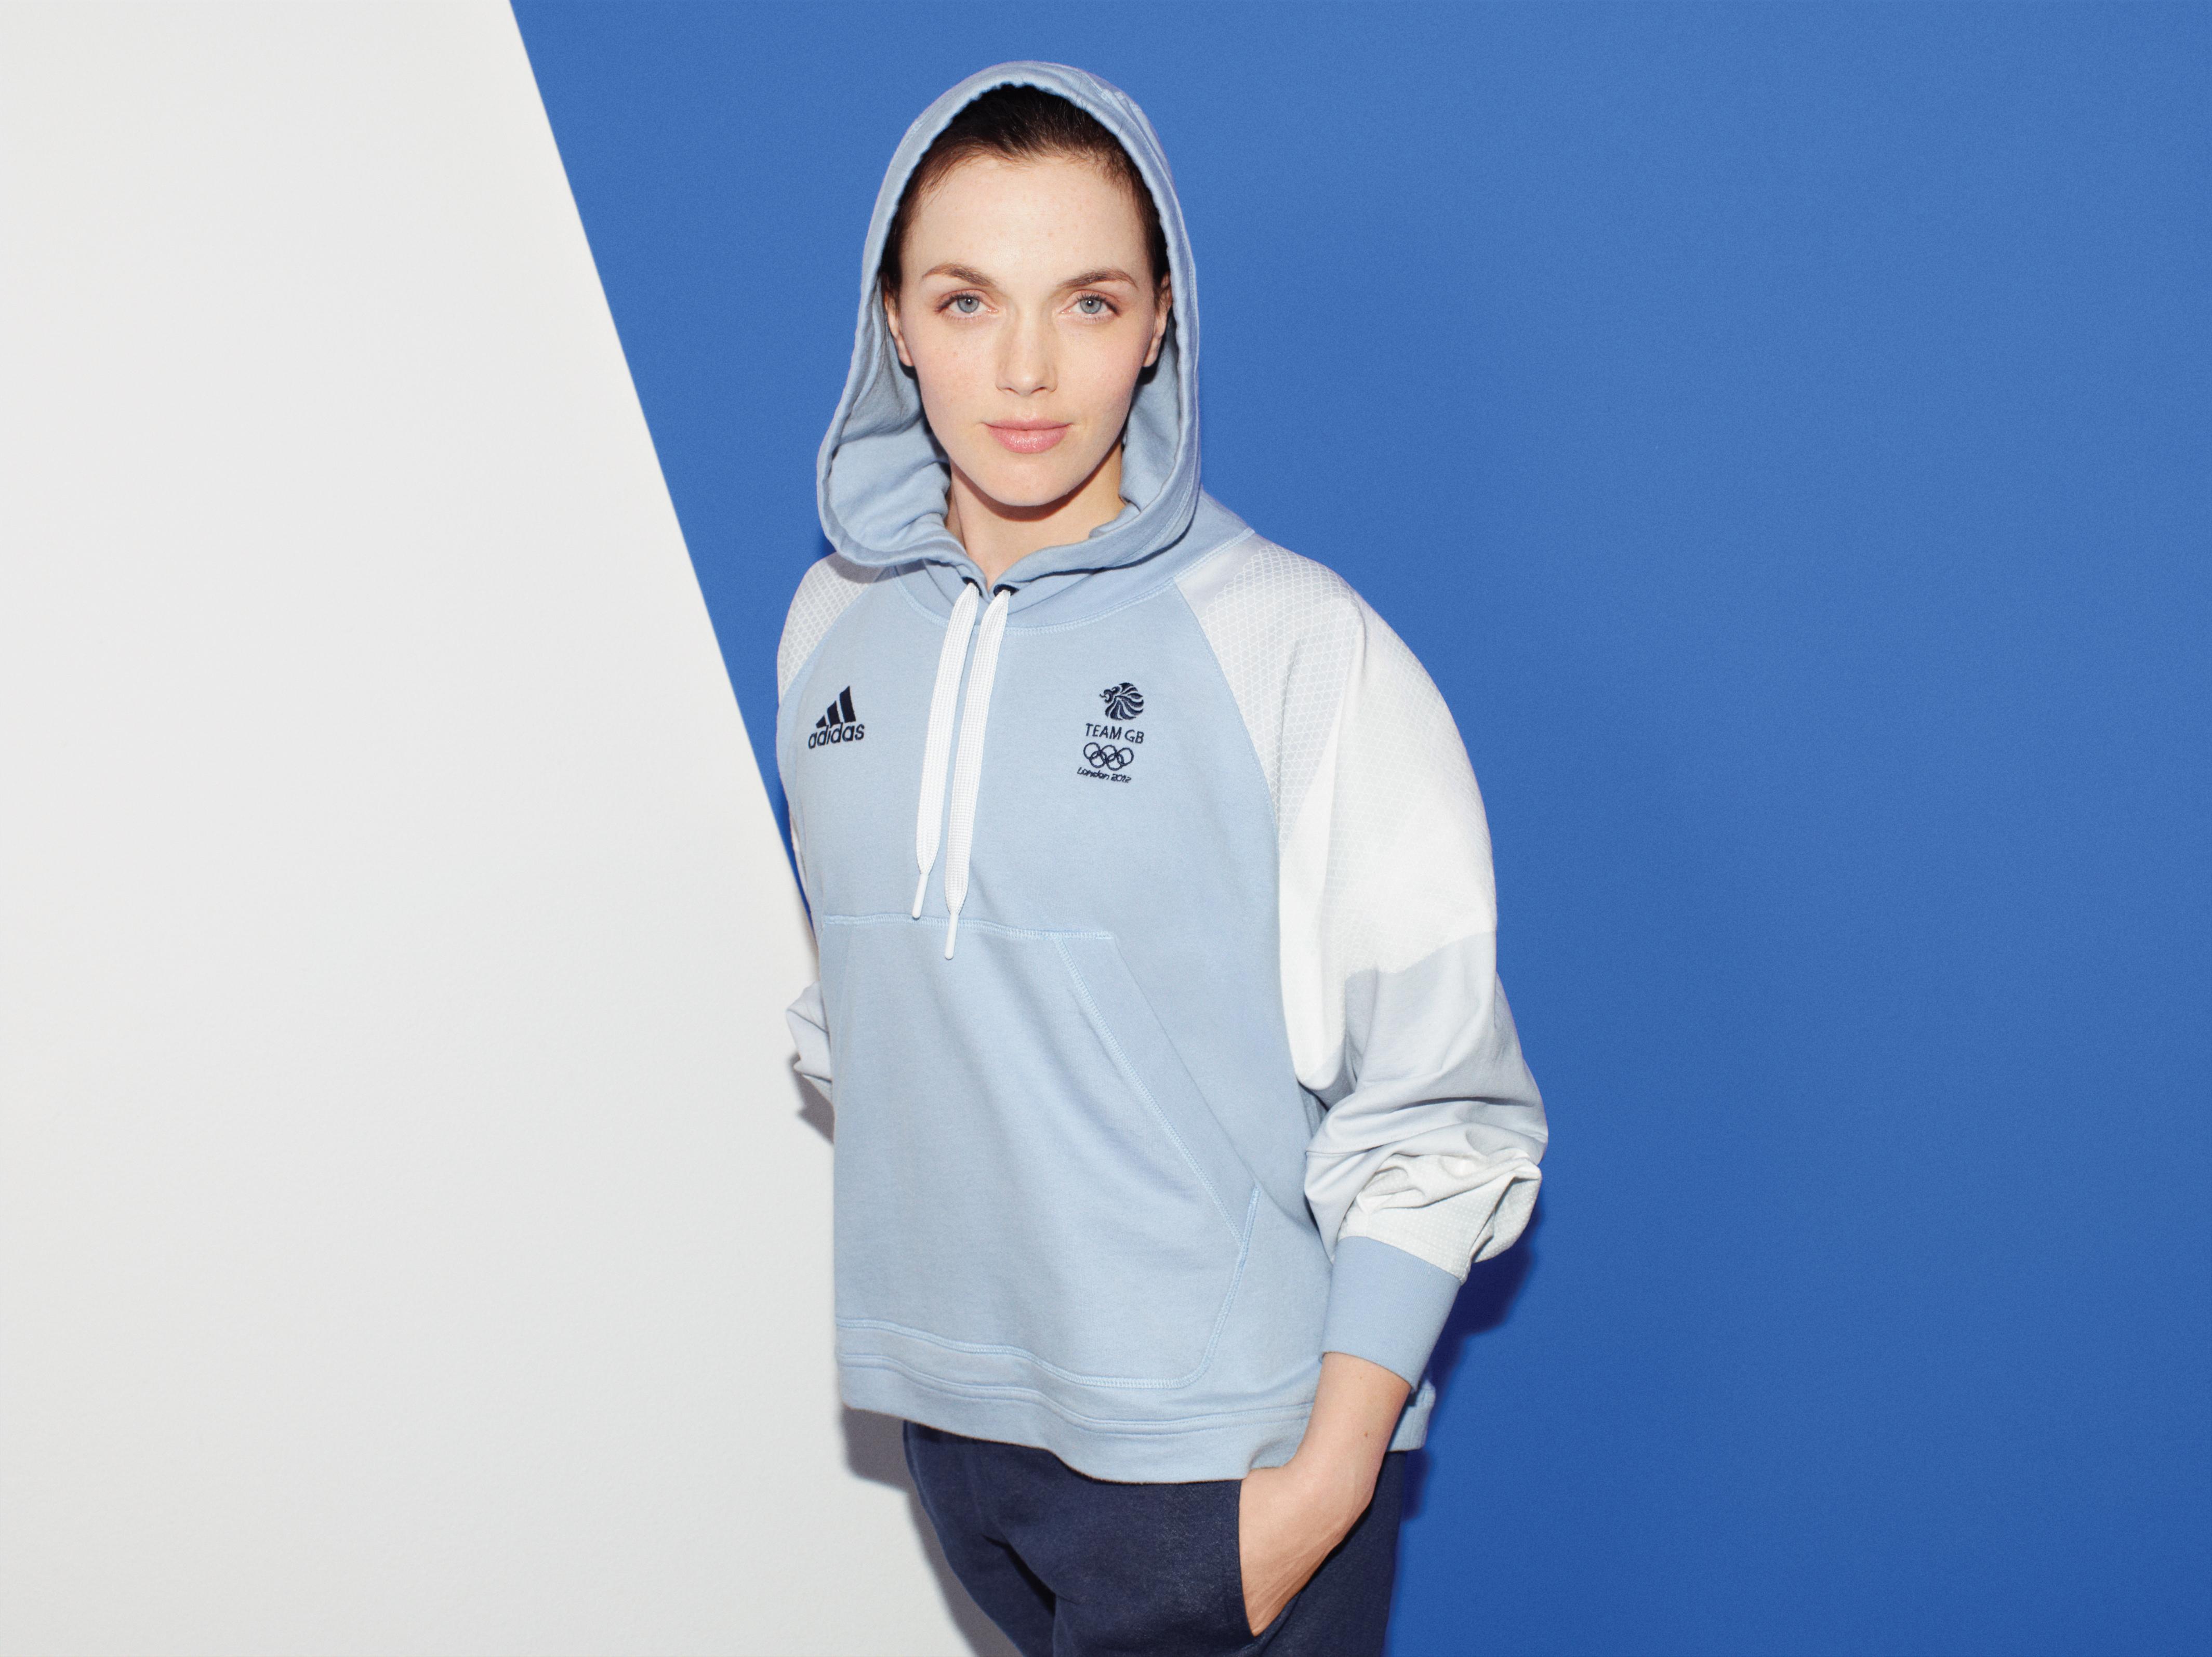 Stella Mccartney Adidas 2012 The Adidas by Stella Mccartney